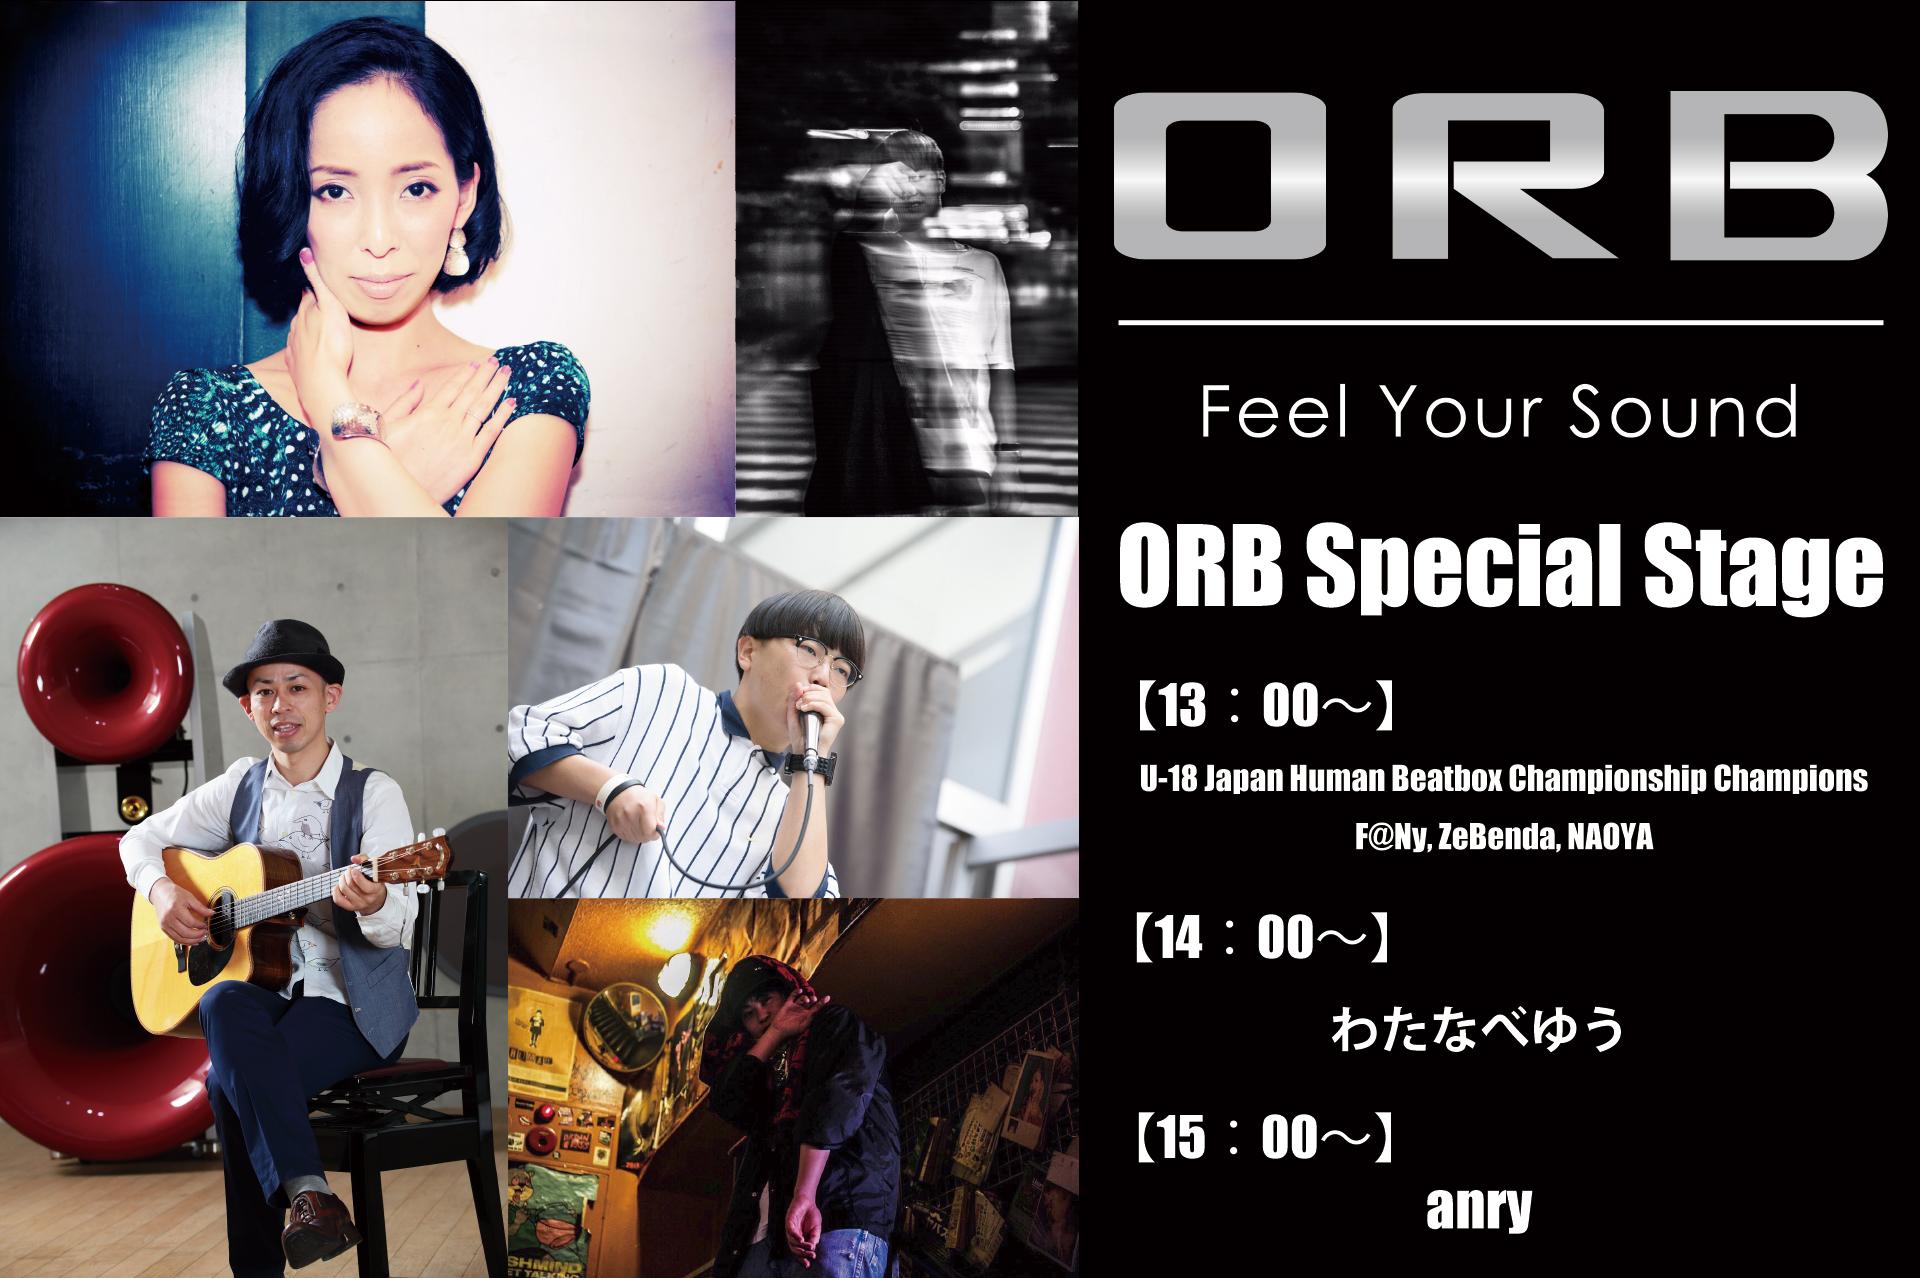 【ステージ情報】ORB Special Stage開催が決定!